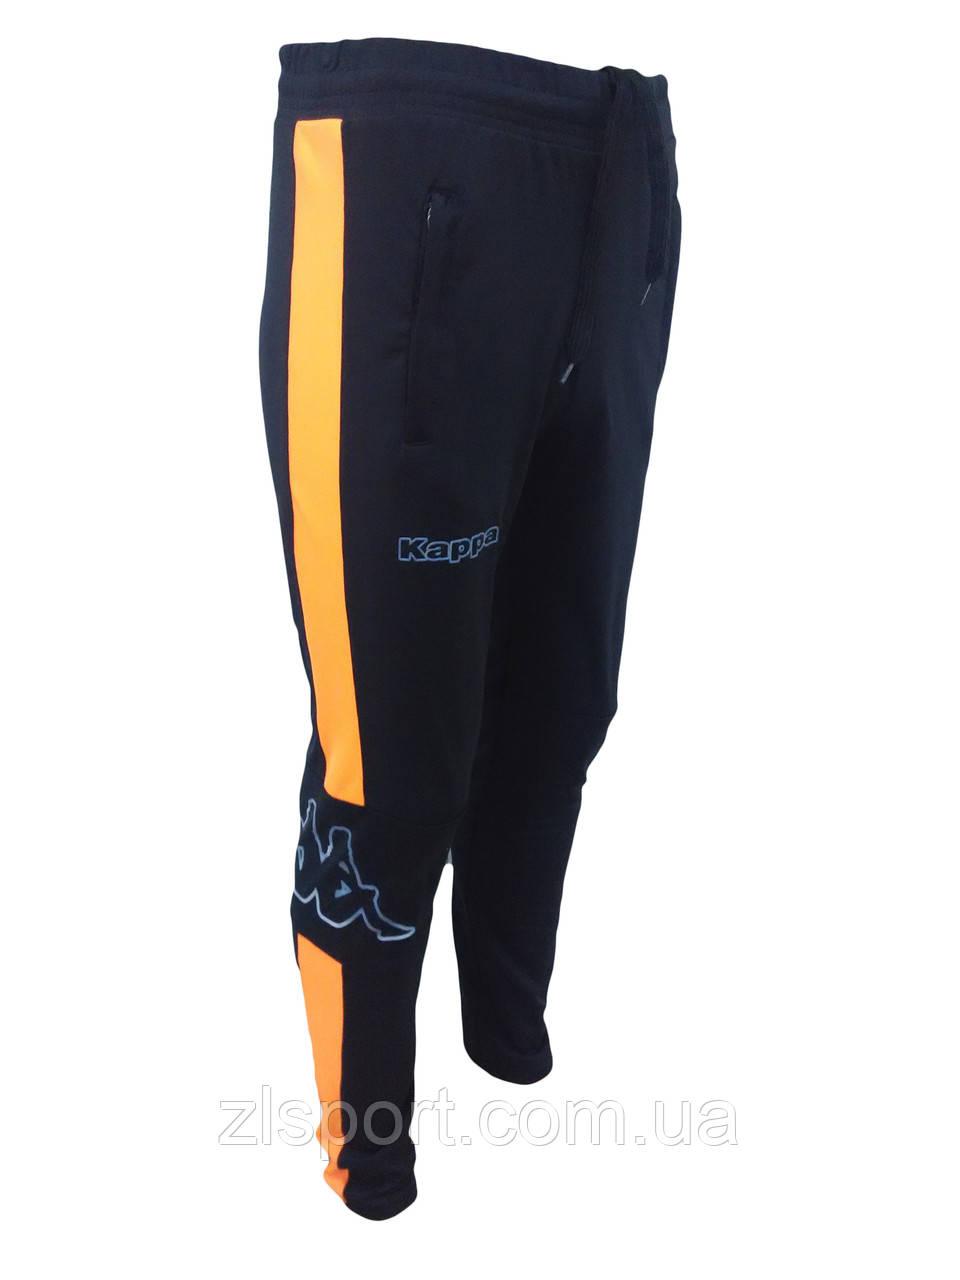 d1c983fc3435 Спортивные штаны kappa зауженные эластик Турция - Интернет магазин  спортивной одежды